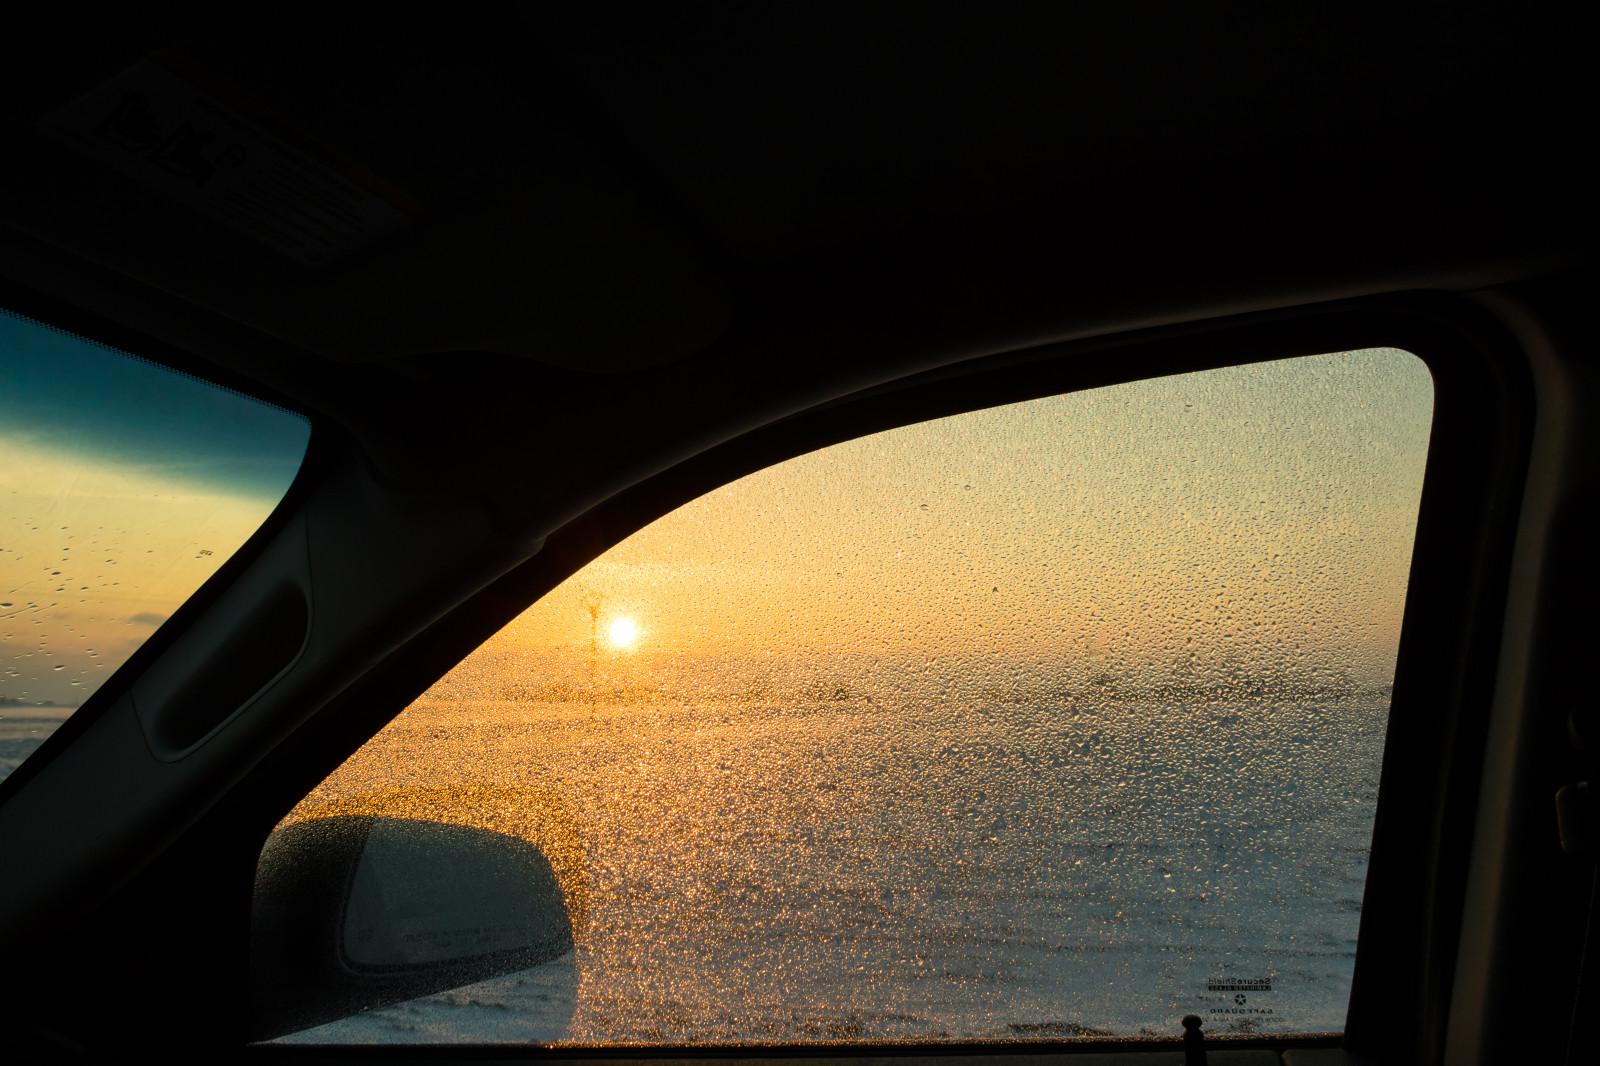 Картинки с видом из окна машины, открытка картинки надписями